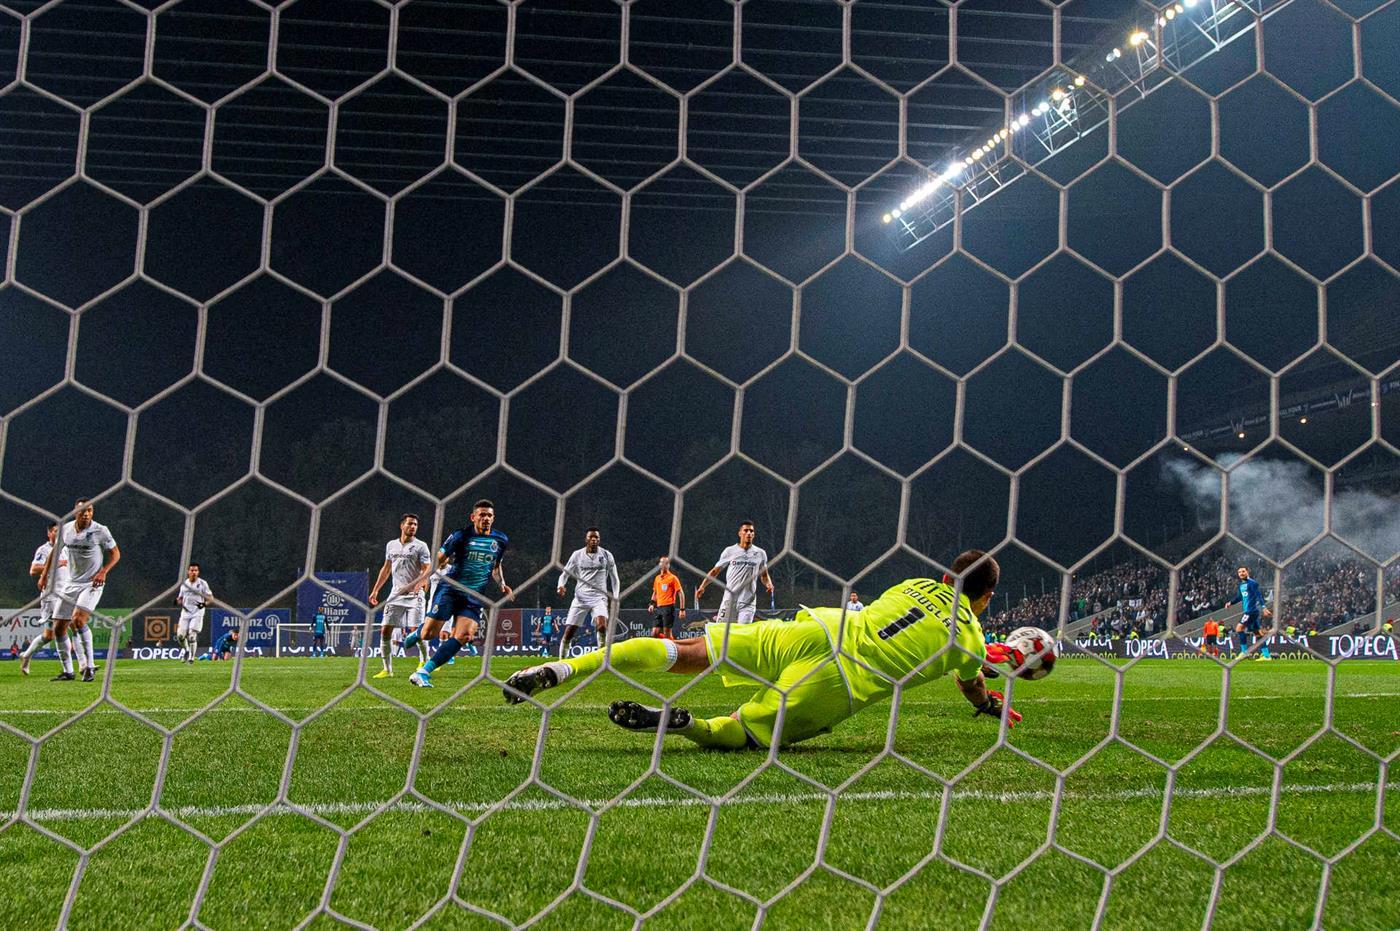 Braga, 22/01/2020 - O Vitória Sport Clube recebeu esta noite, o Futebol Clube do Porto no Estádio Municipal